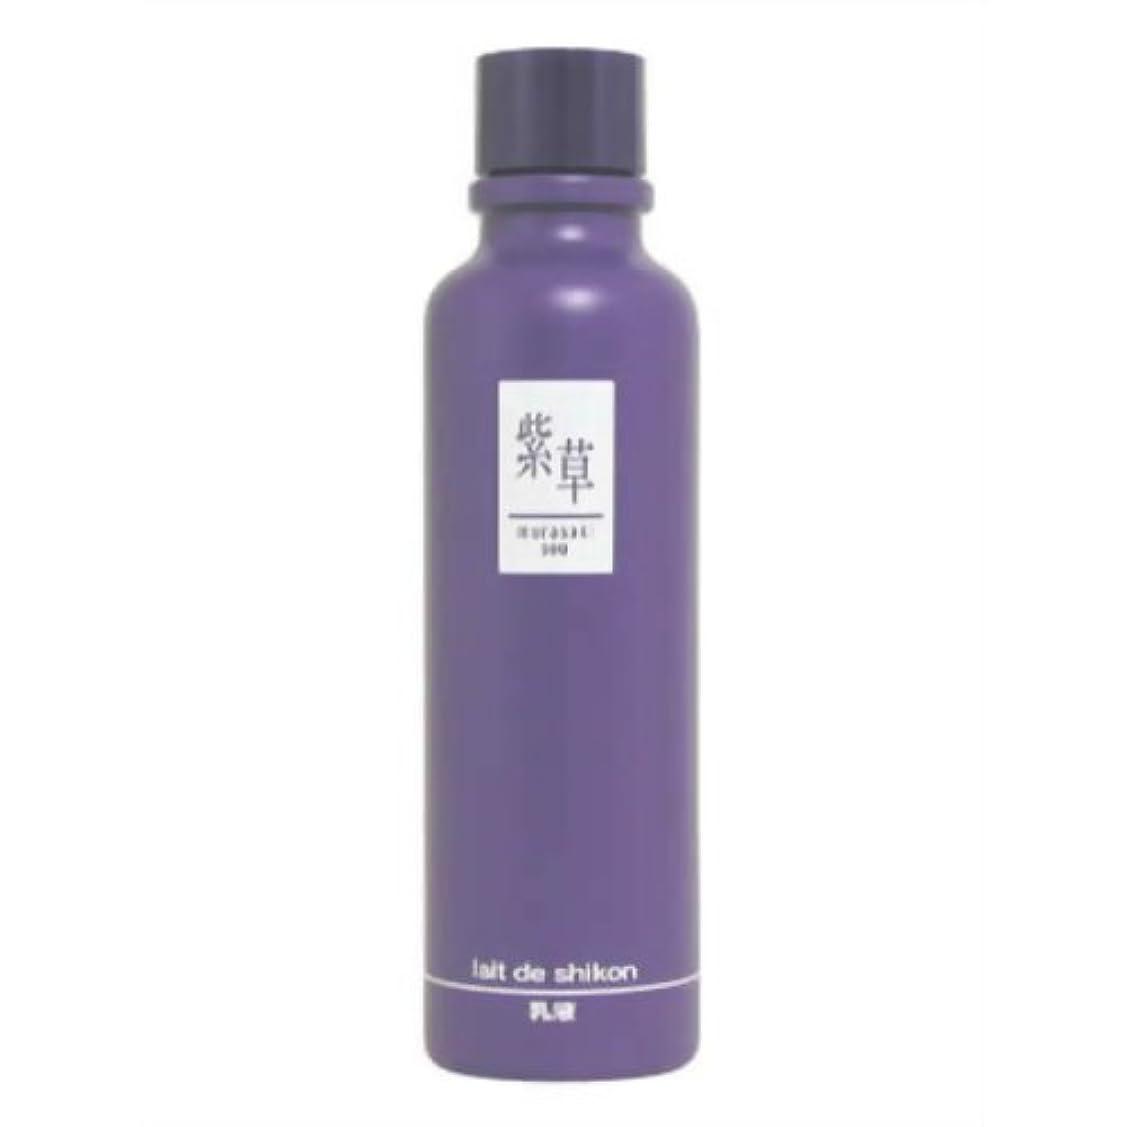 紫草 レーデシコン(乳液) 120ml